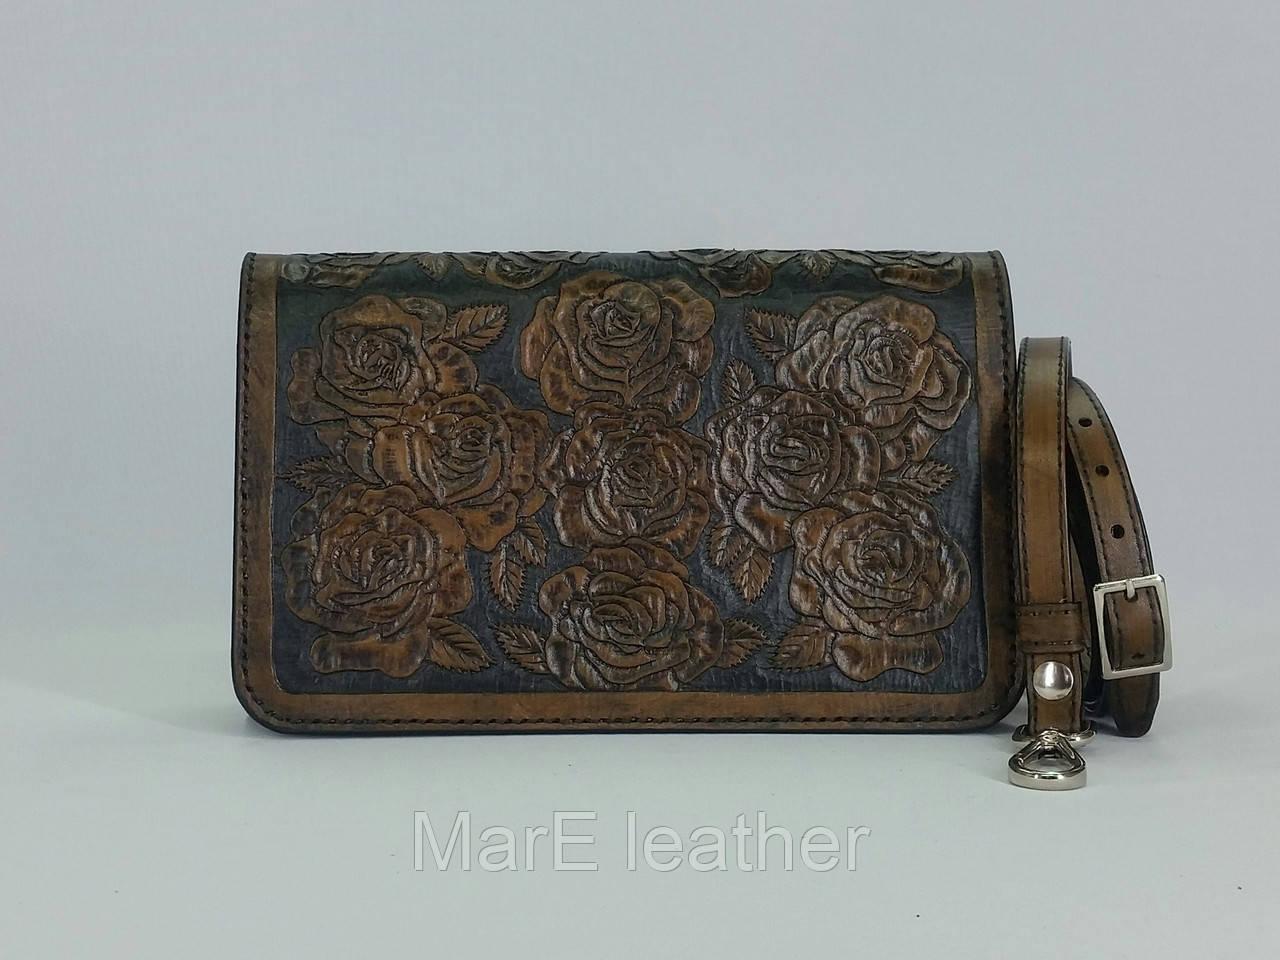 903481050efc Оригинальный женский клатч ручной работы с тисненым цветочным рисунком из  натуральной